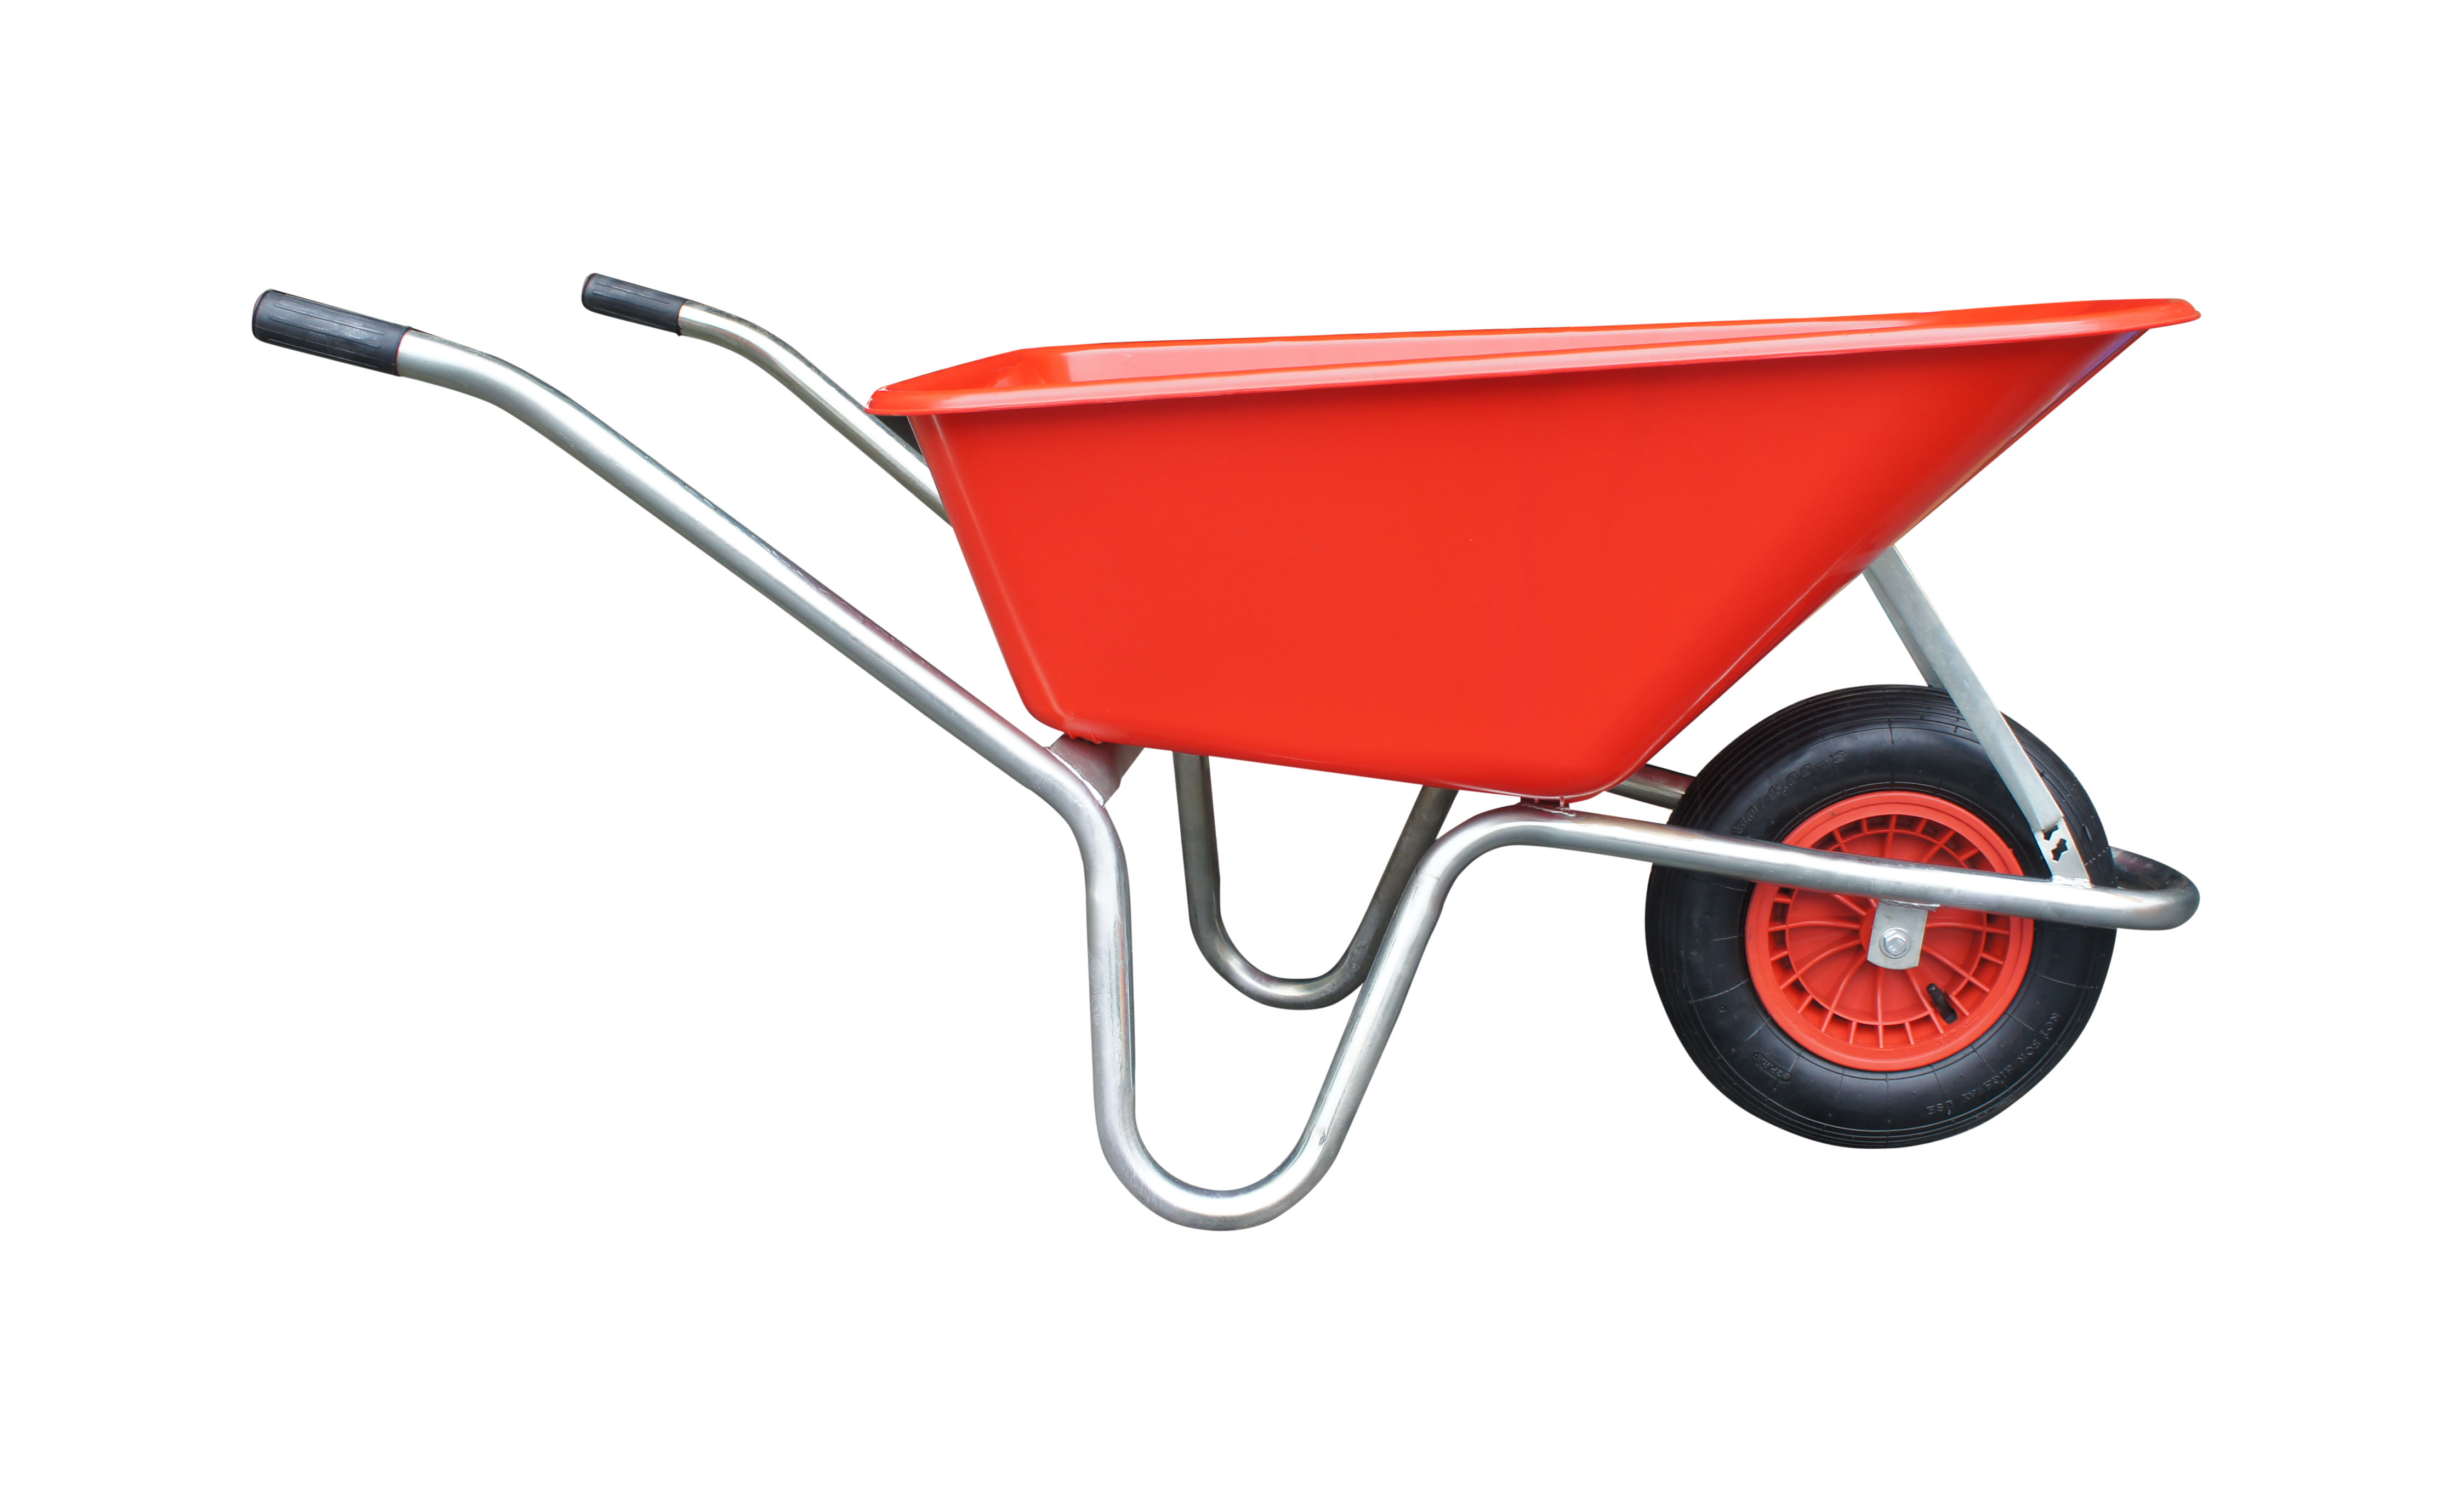 Kolečko LIVEX 100 l, pzn rám, kolo nafukovací, rozložené – plastová korba červená, nosnost 100 kg